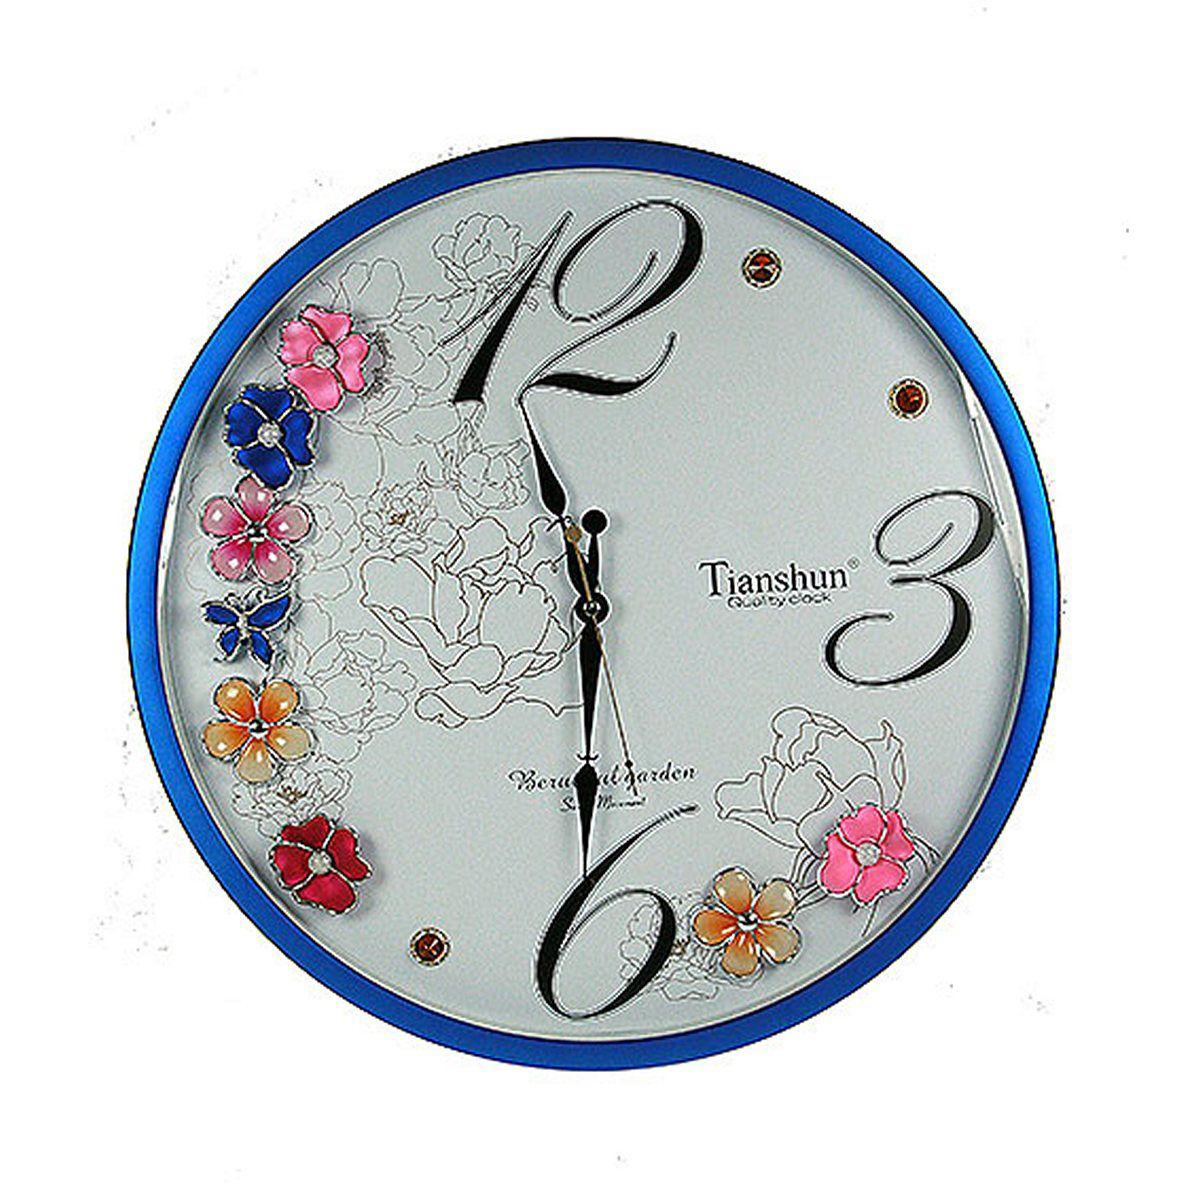 Часы настенные Русские Подарки, диаметр 48 см. 148115148115Настенные кварцевые часы Русские Подарки изготовлены из пластика. Циферблат защищен стеклом. Корпус оформлен цветами и стразами. Часы имеют три стрелки - часовую, минутную и секундную. С обратной стороны имеется петелька для подвешивания на стену. Изящные часы красиво и оригинально оформят интерьер дома или офиса. Также часы могут стать уникальным, полезным подарком для родственников, коллег, знакомых и близких. Часы работают от батареек типа АА (в комплект не входят).